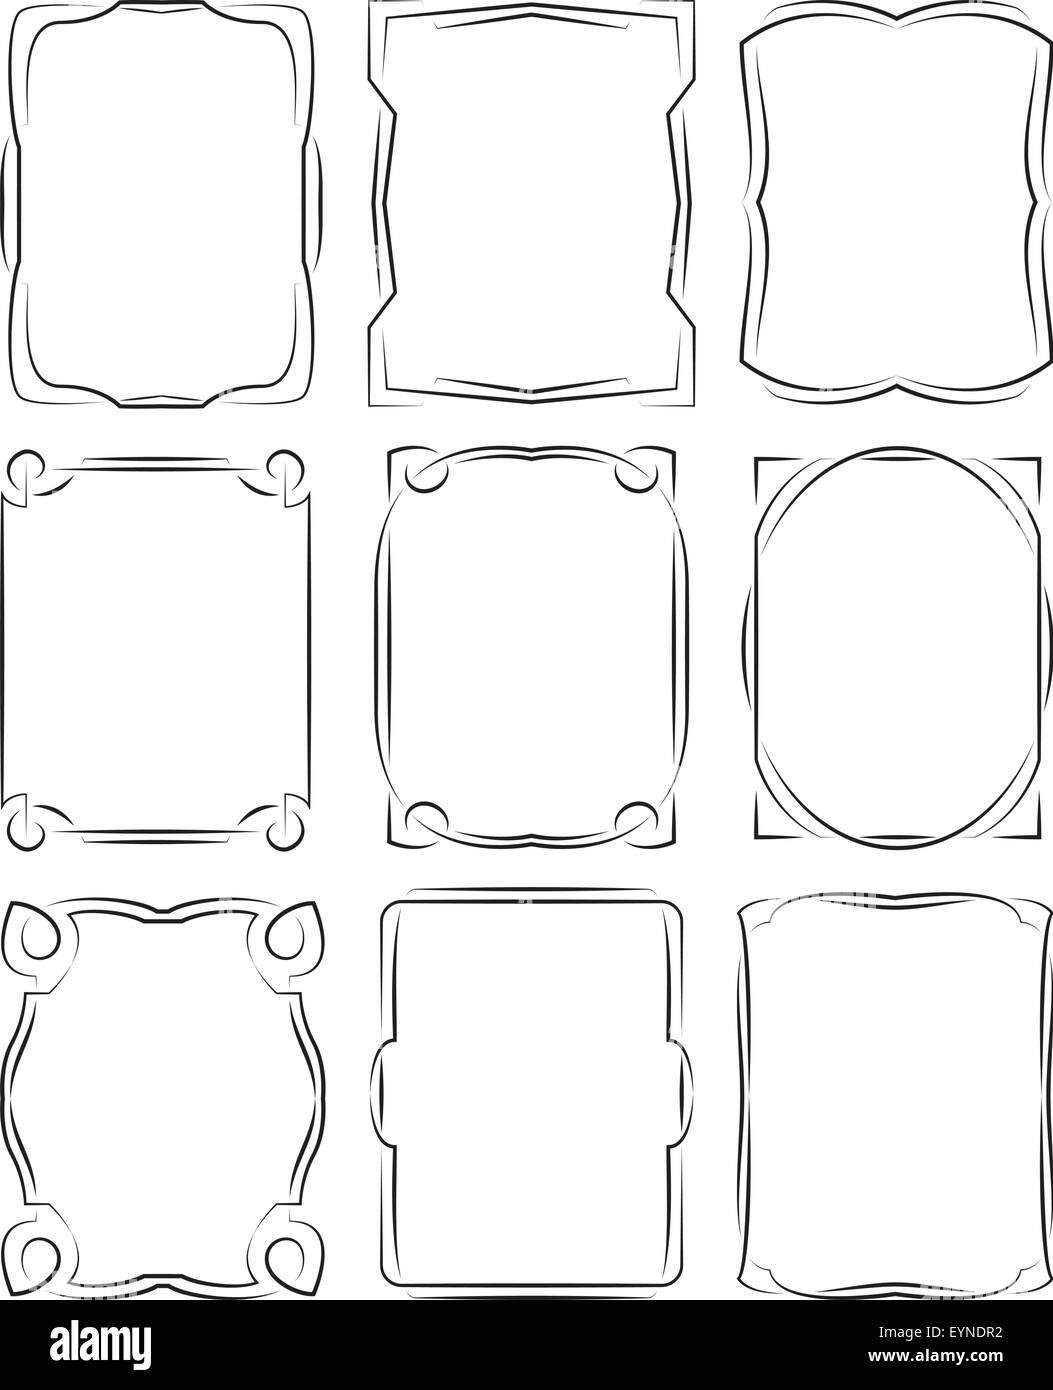 set of frames design elements  Editable vector illustrator